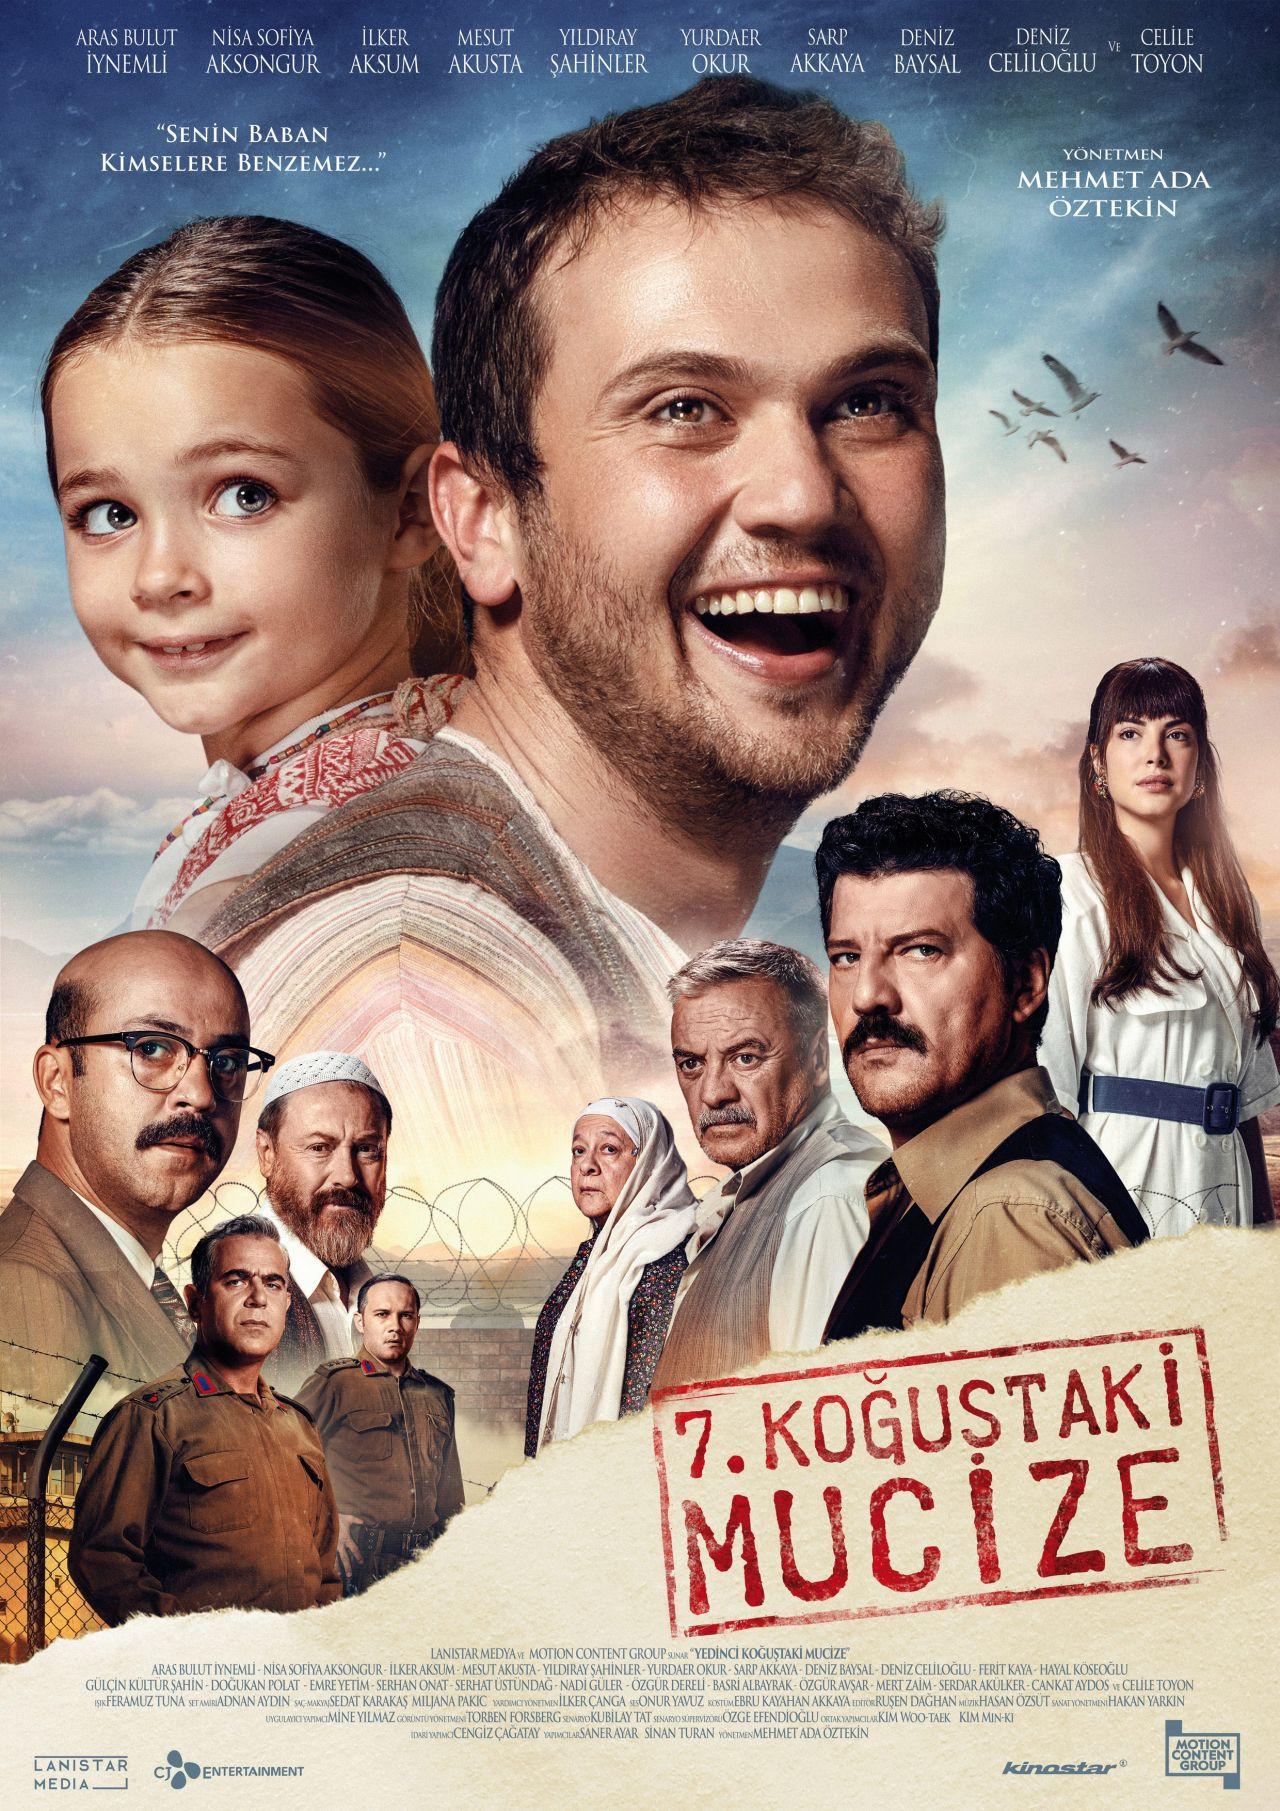 Türkiye'de 2019 yılının en çok izlenen filmleri! - Page 1